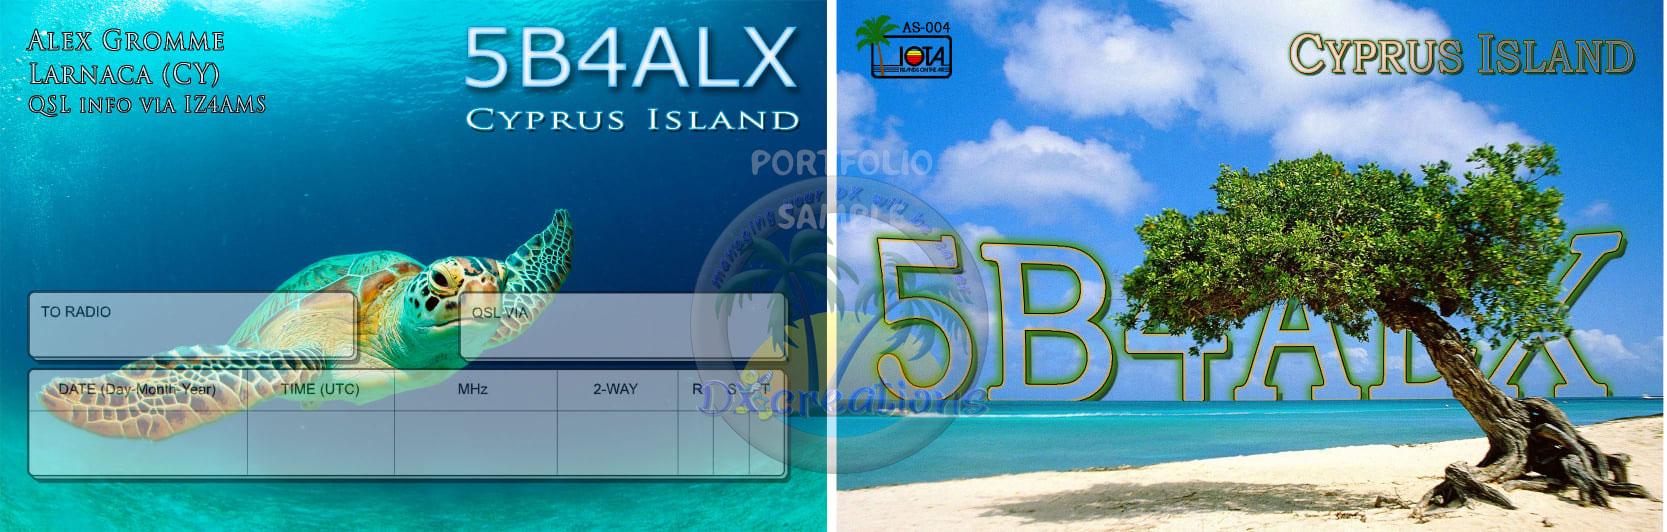 5B4ALX QSL